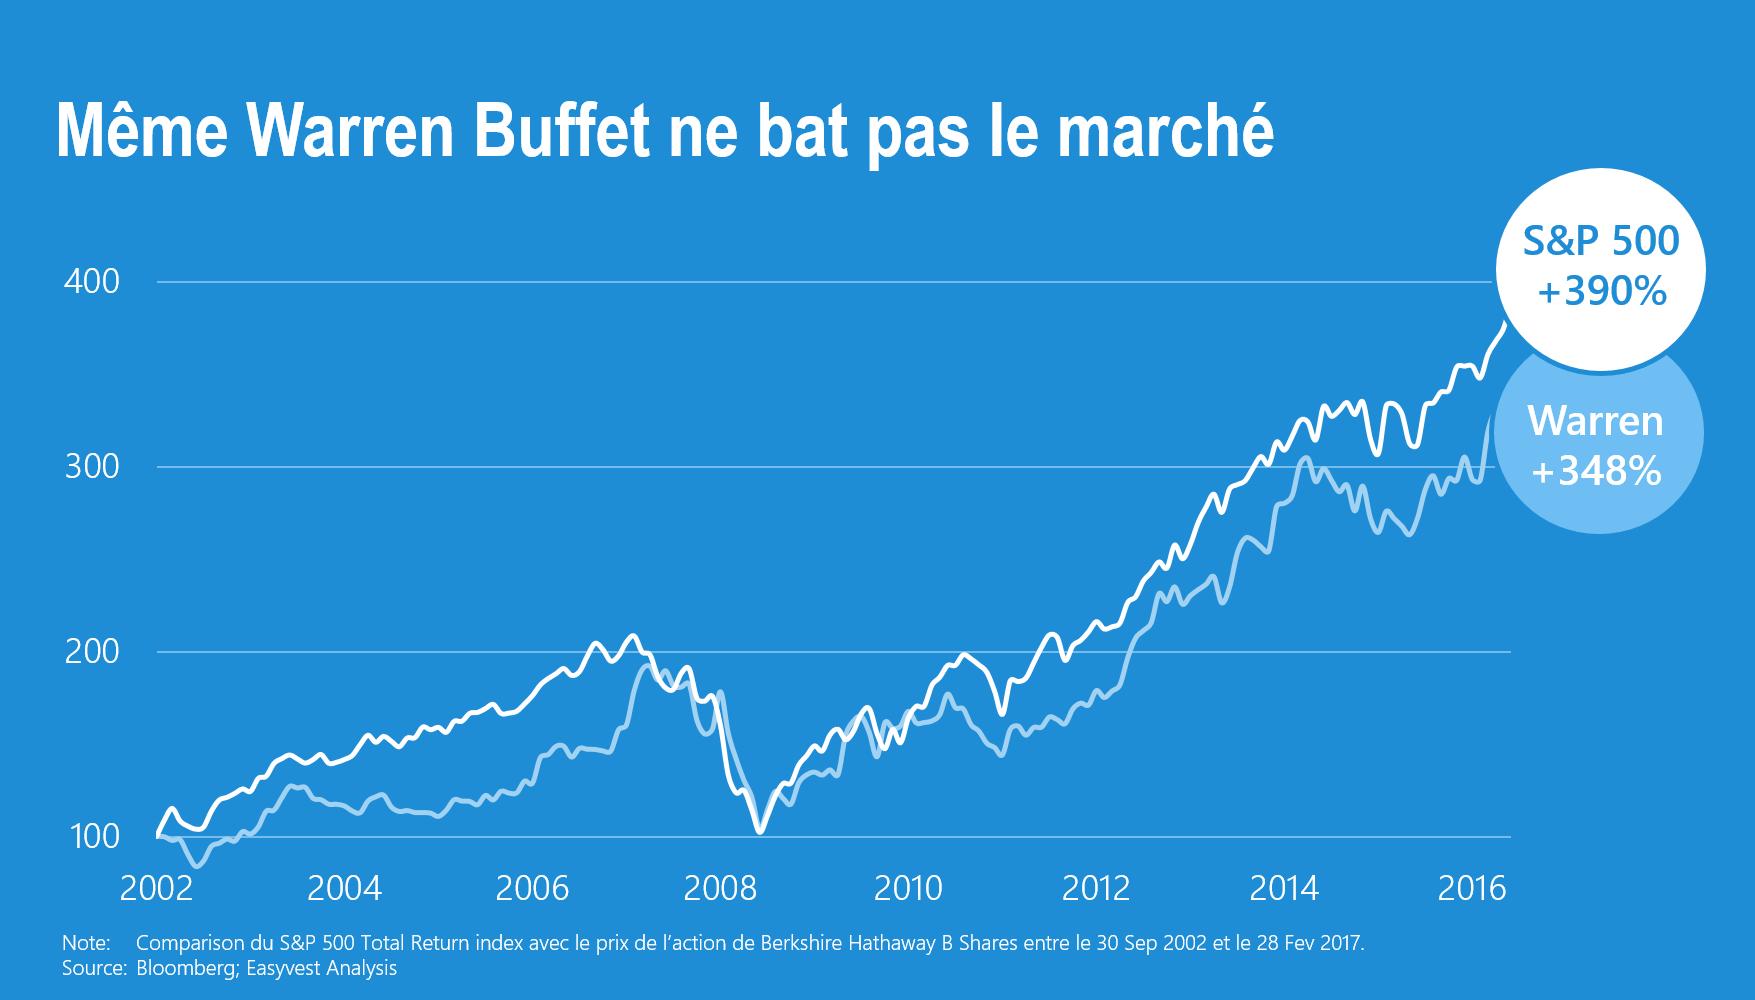 Le meilleur investisseur du monde ne bat pas le marché depuis 15 ans